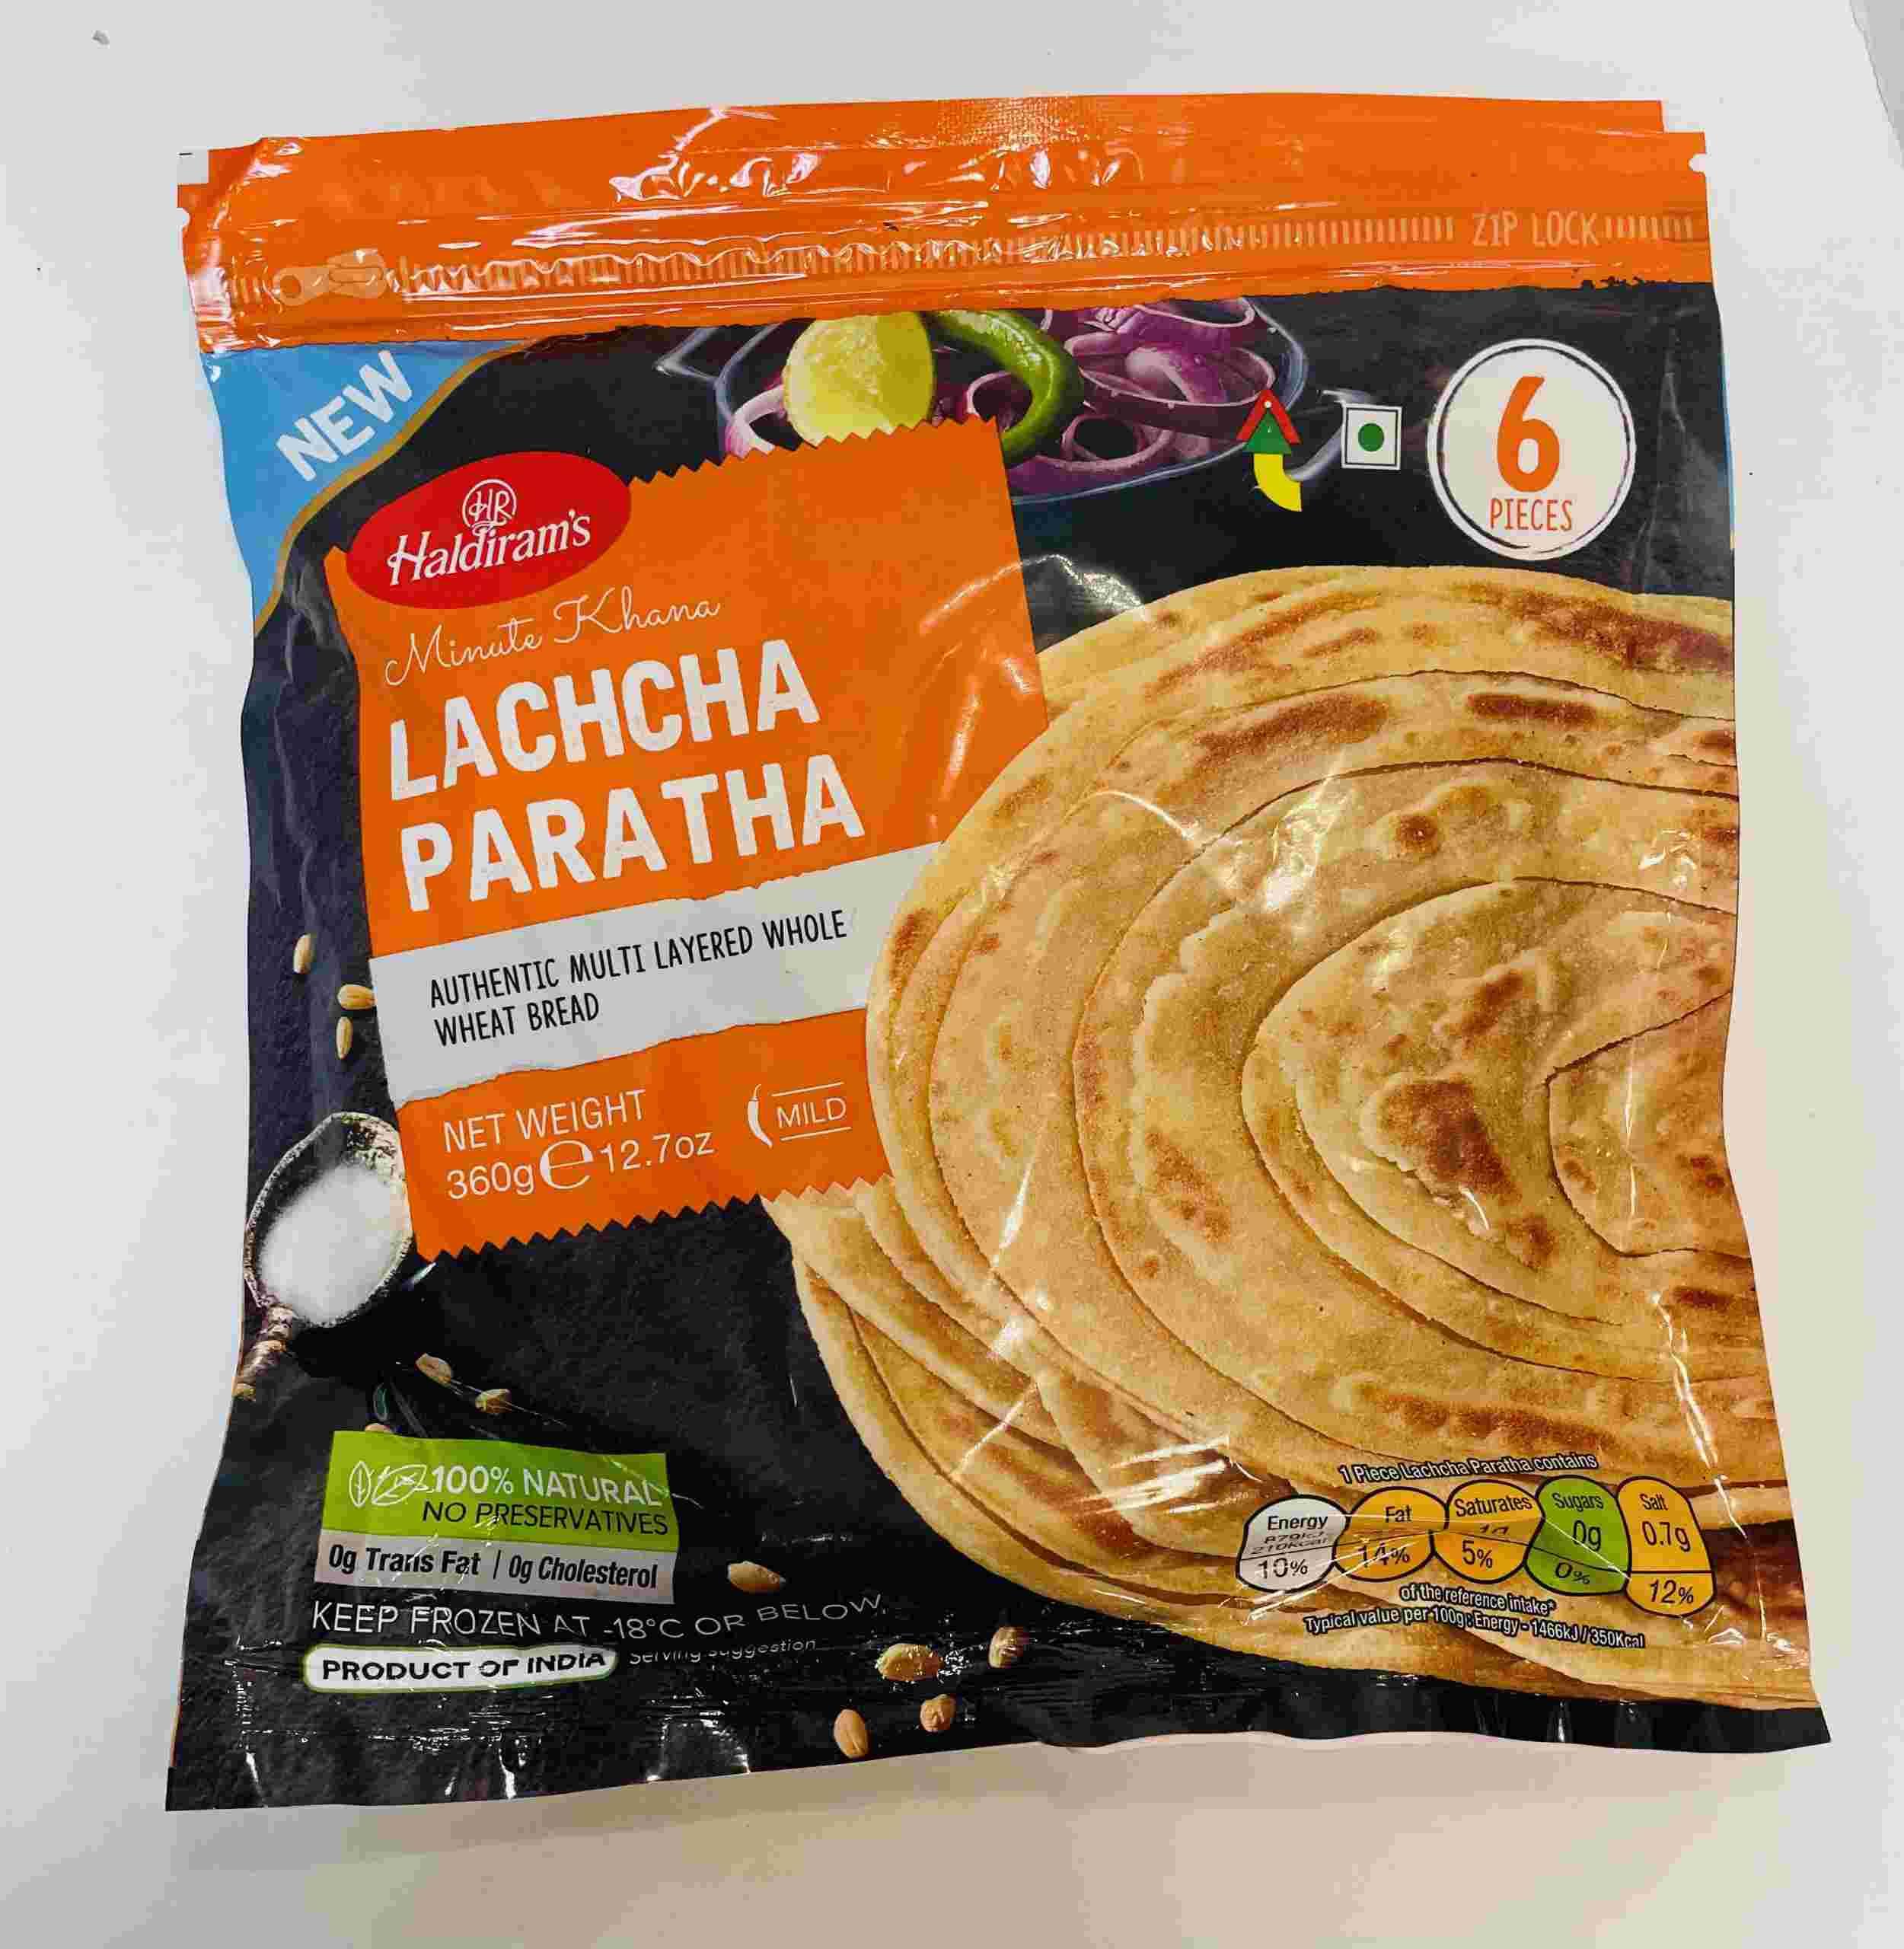 Haldiram's Lachcha Paratha 6 Pieces